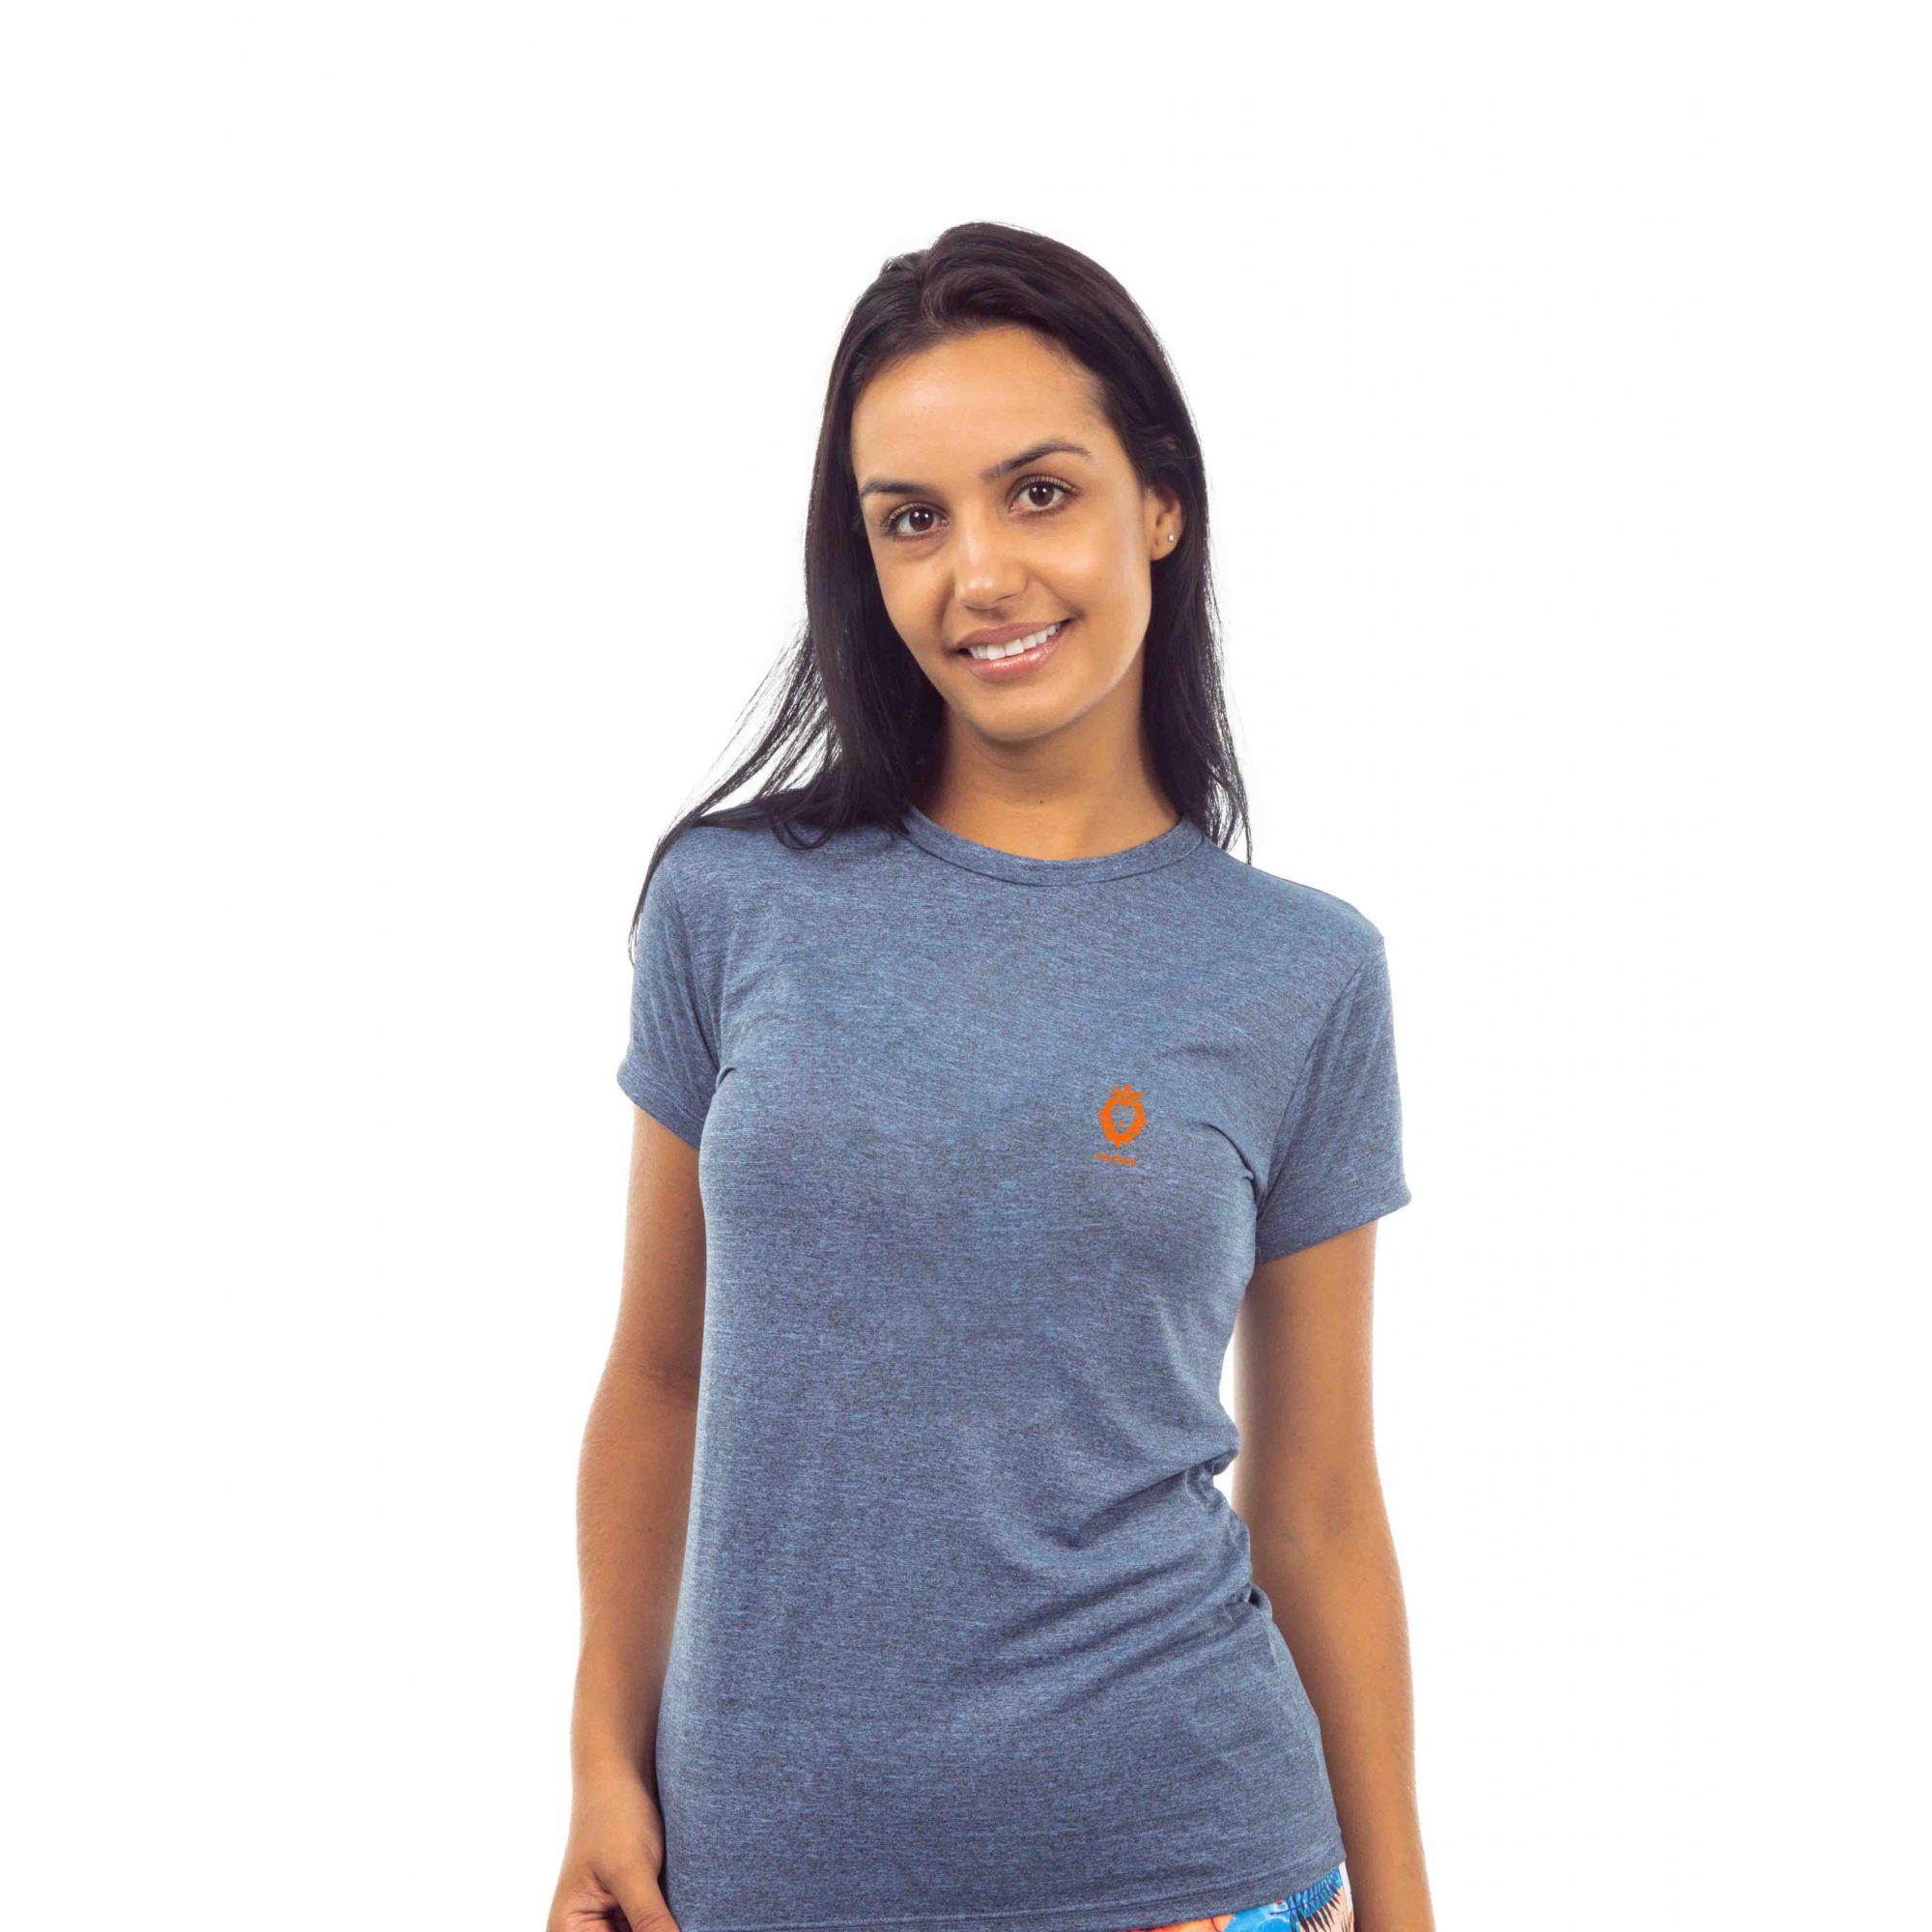 Camiseta Feminina Poliamida Zaiden Oxy Mescla Azul Leão Laranja